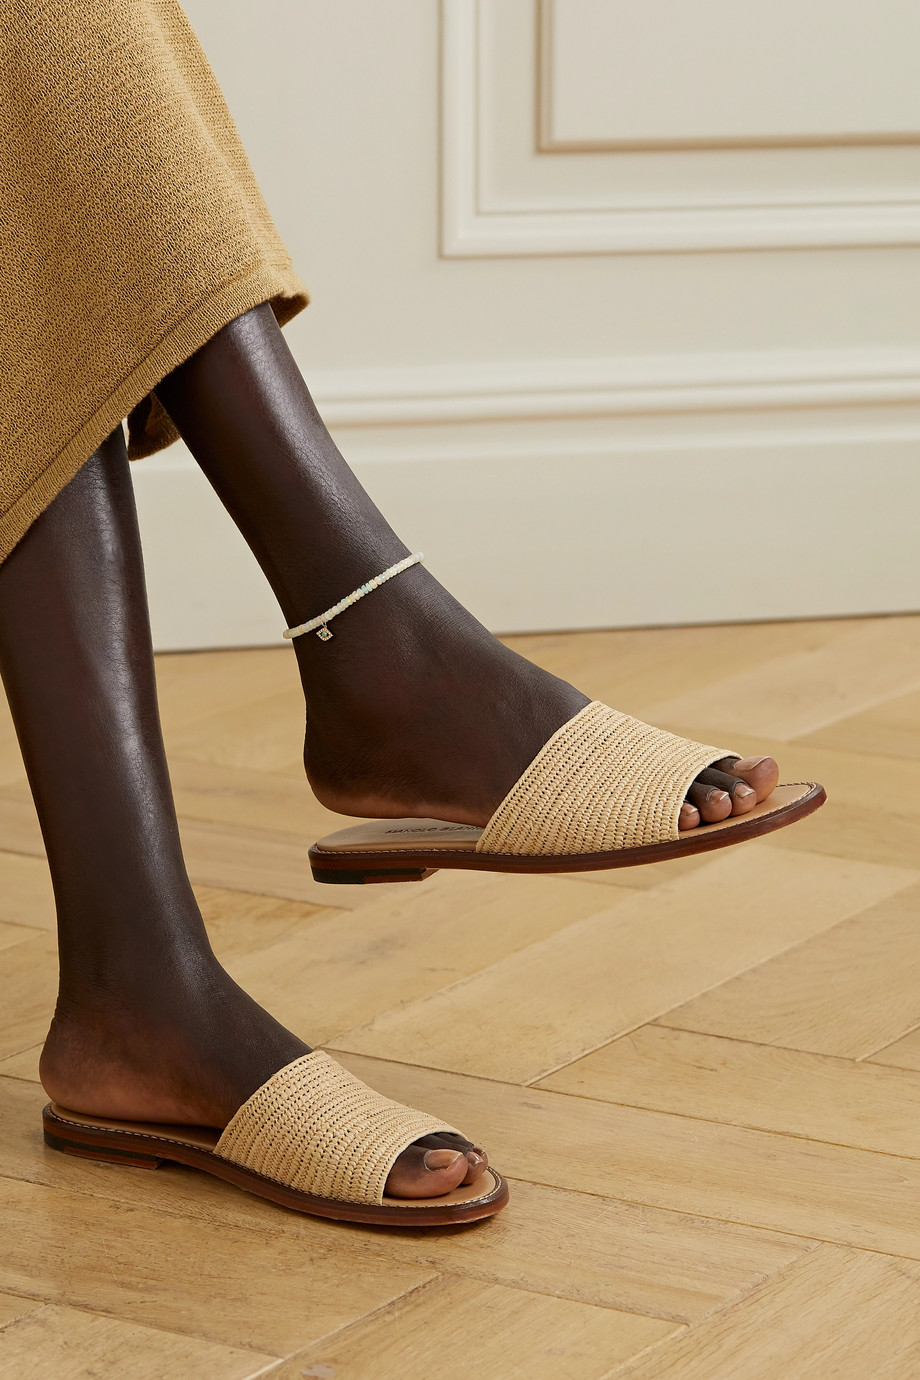 Sydney Evan 14-karat gold multi-stone anklet